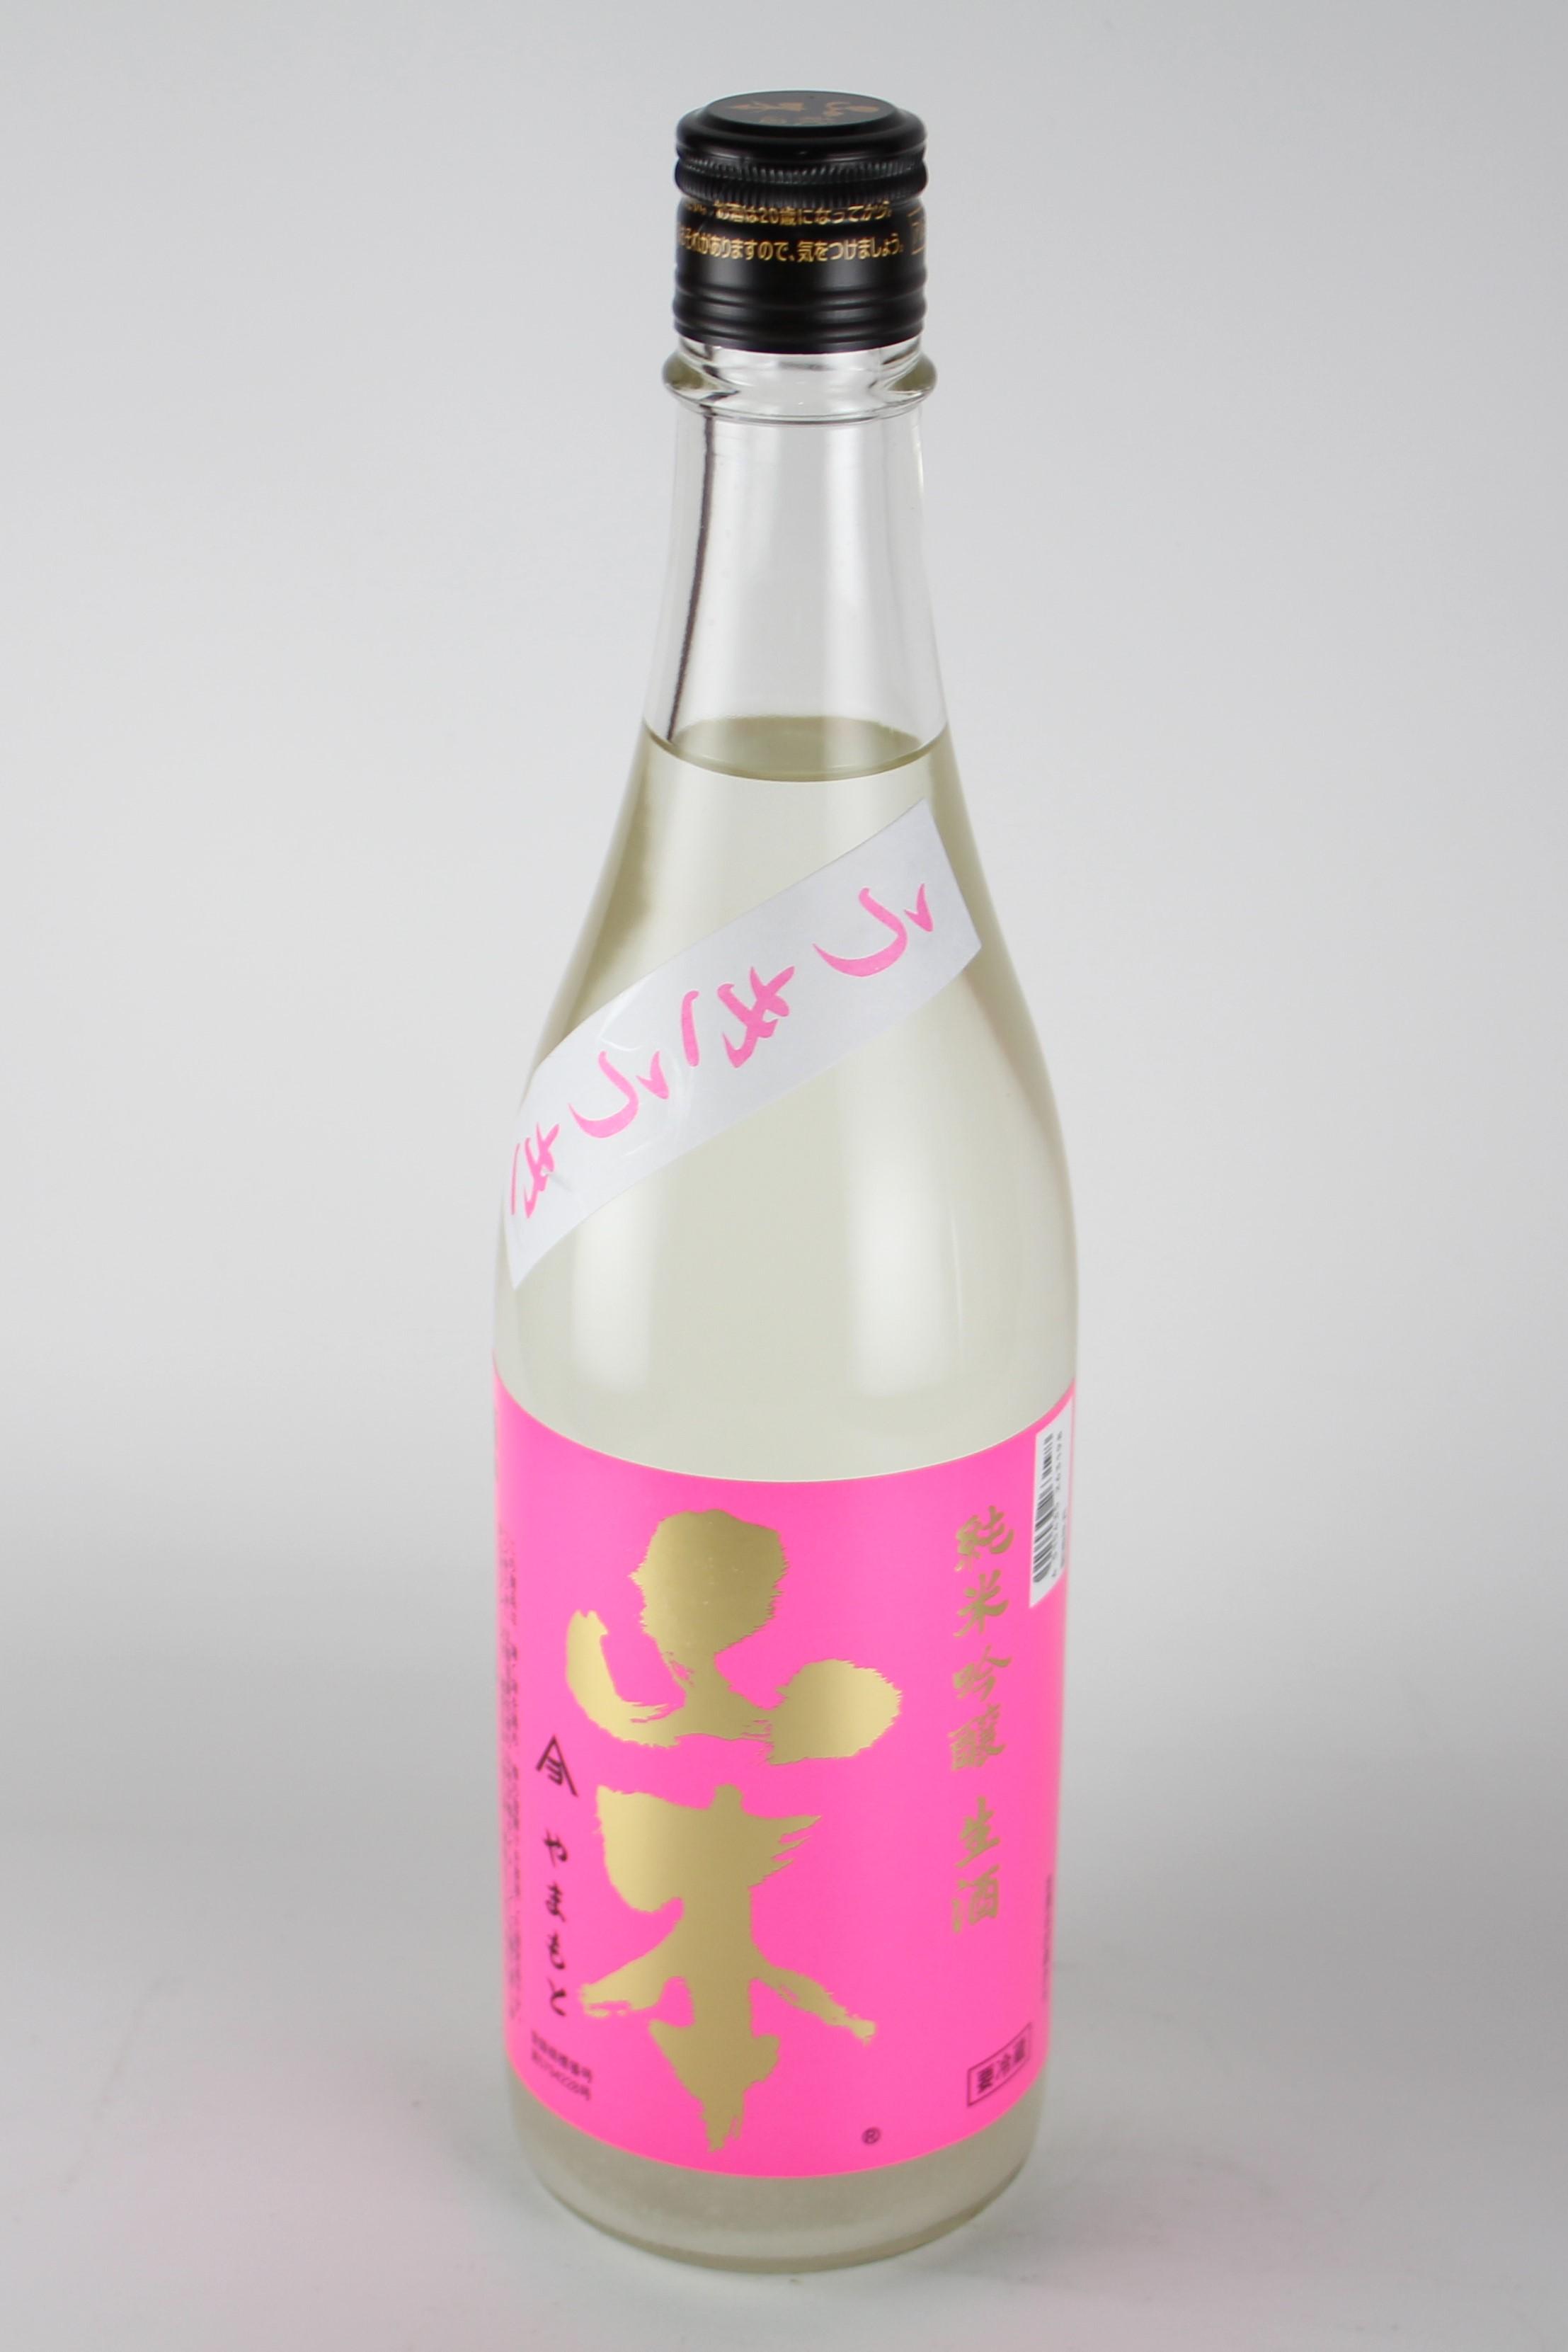 白瀑 山本うきうき 純米吟醸うすにごり生酒 720ml 【秋田/山本合名】